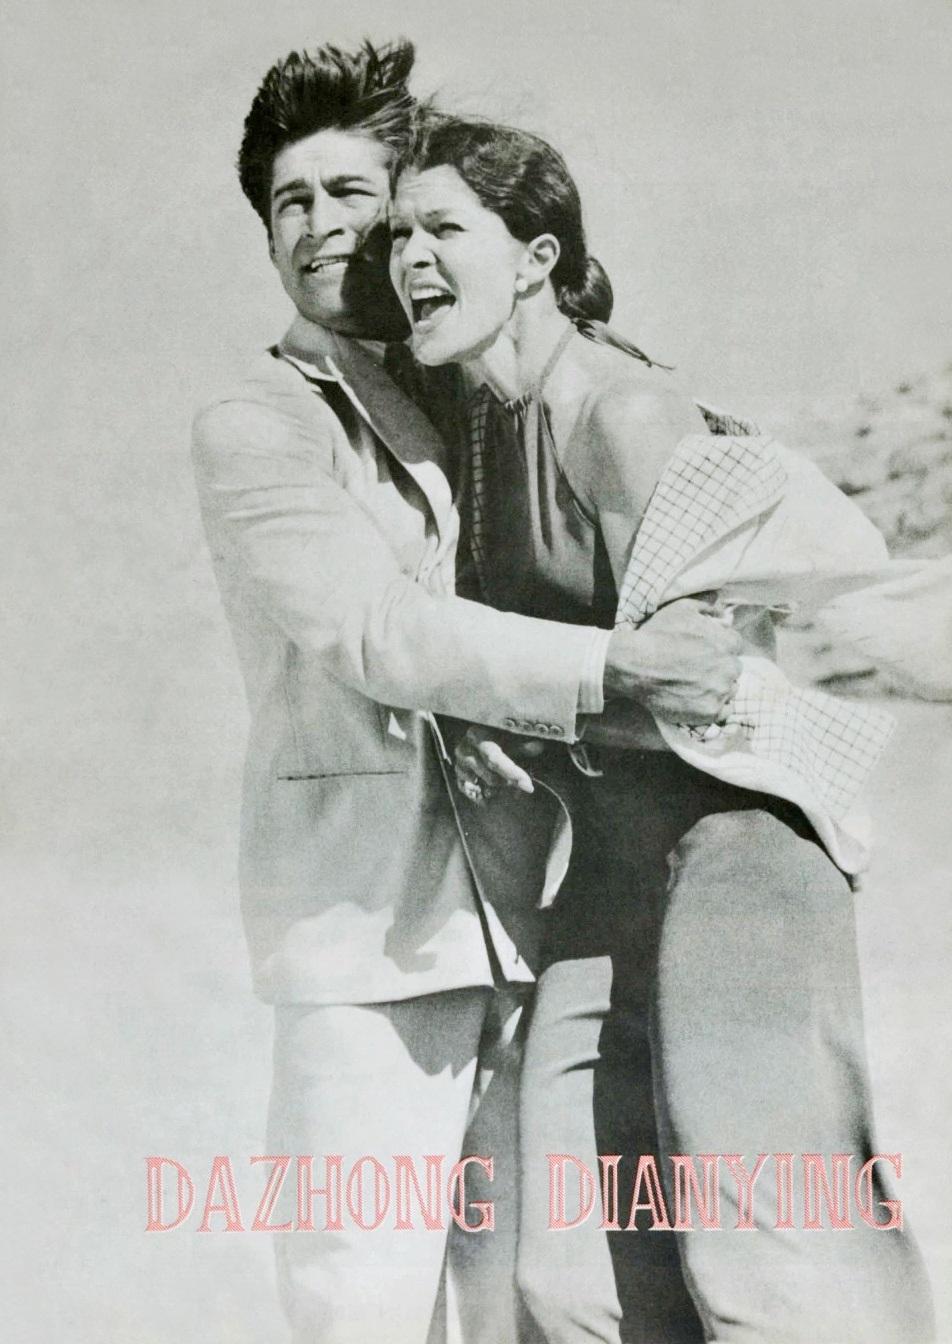 英国水晶鞋与玫瑰花_《大众电影》1979年封面封底 热销刊物新时期复刊后的第一年